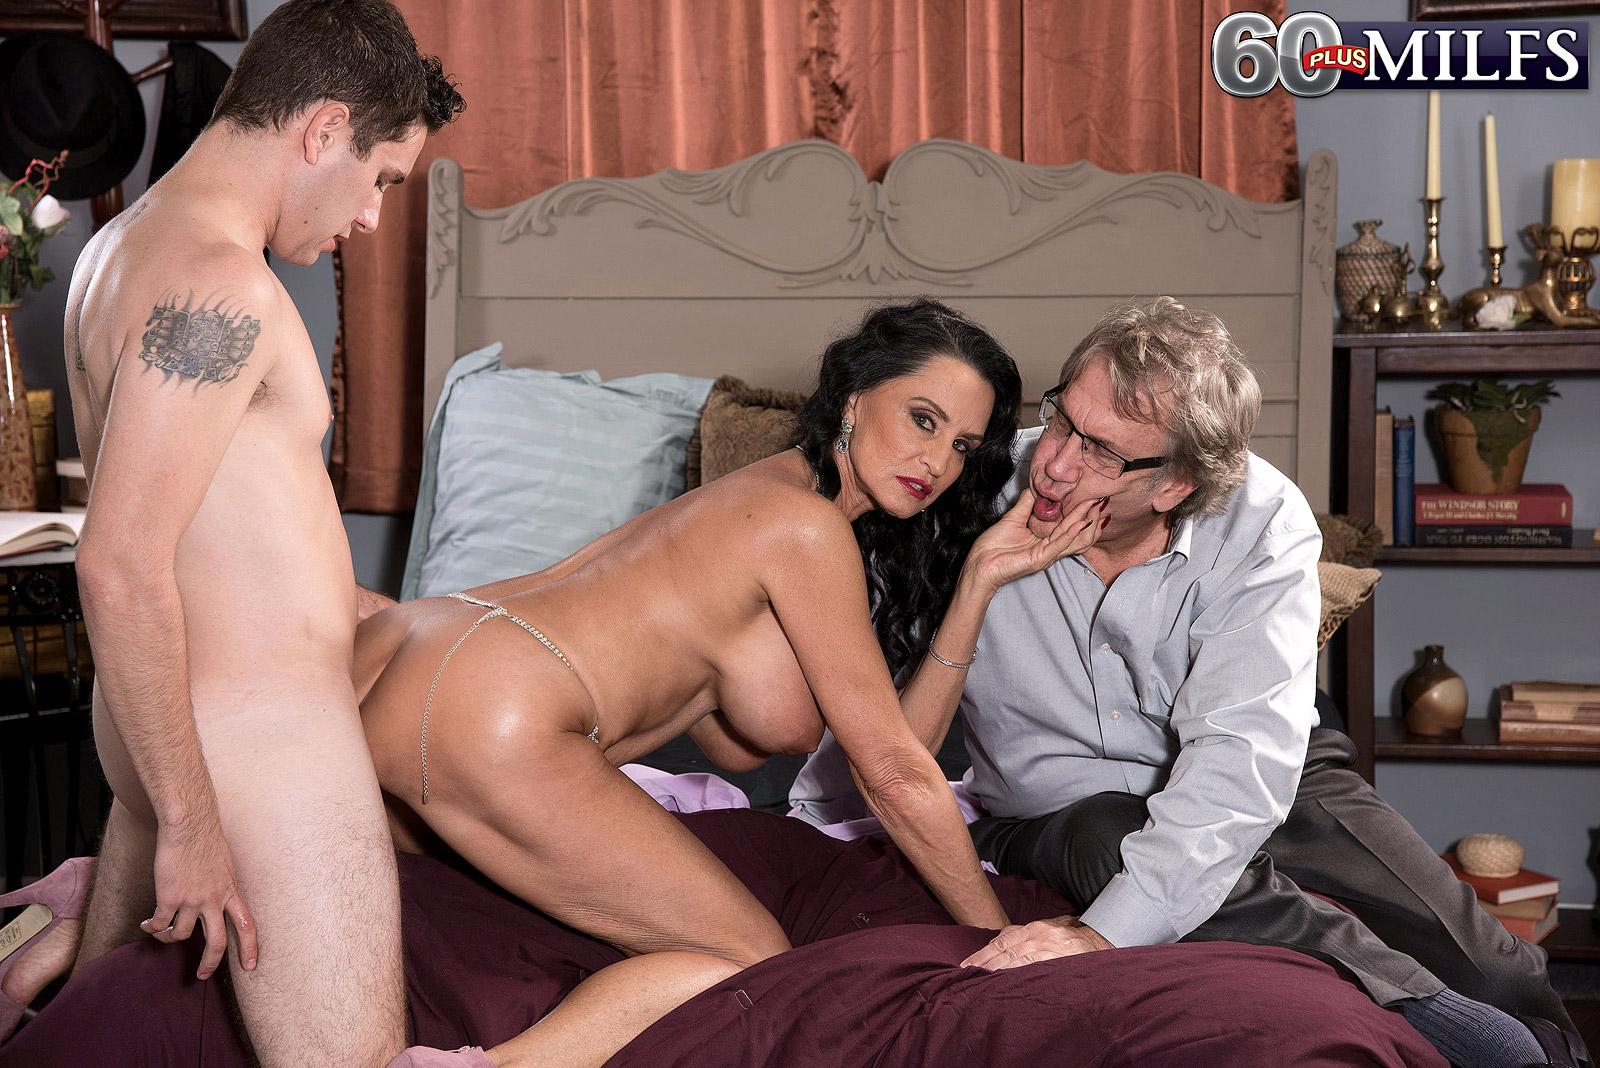 Красивые жены голые изменяют мужьям в данной нарезке